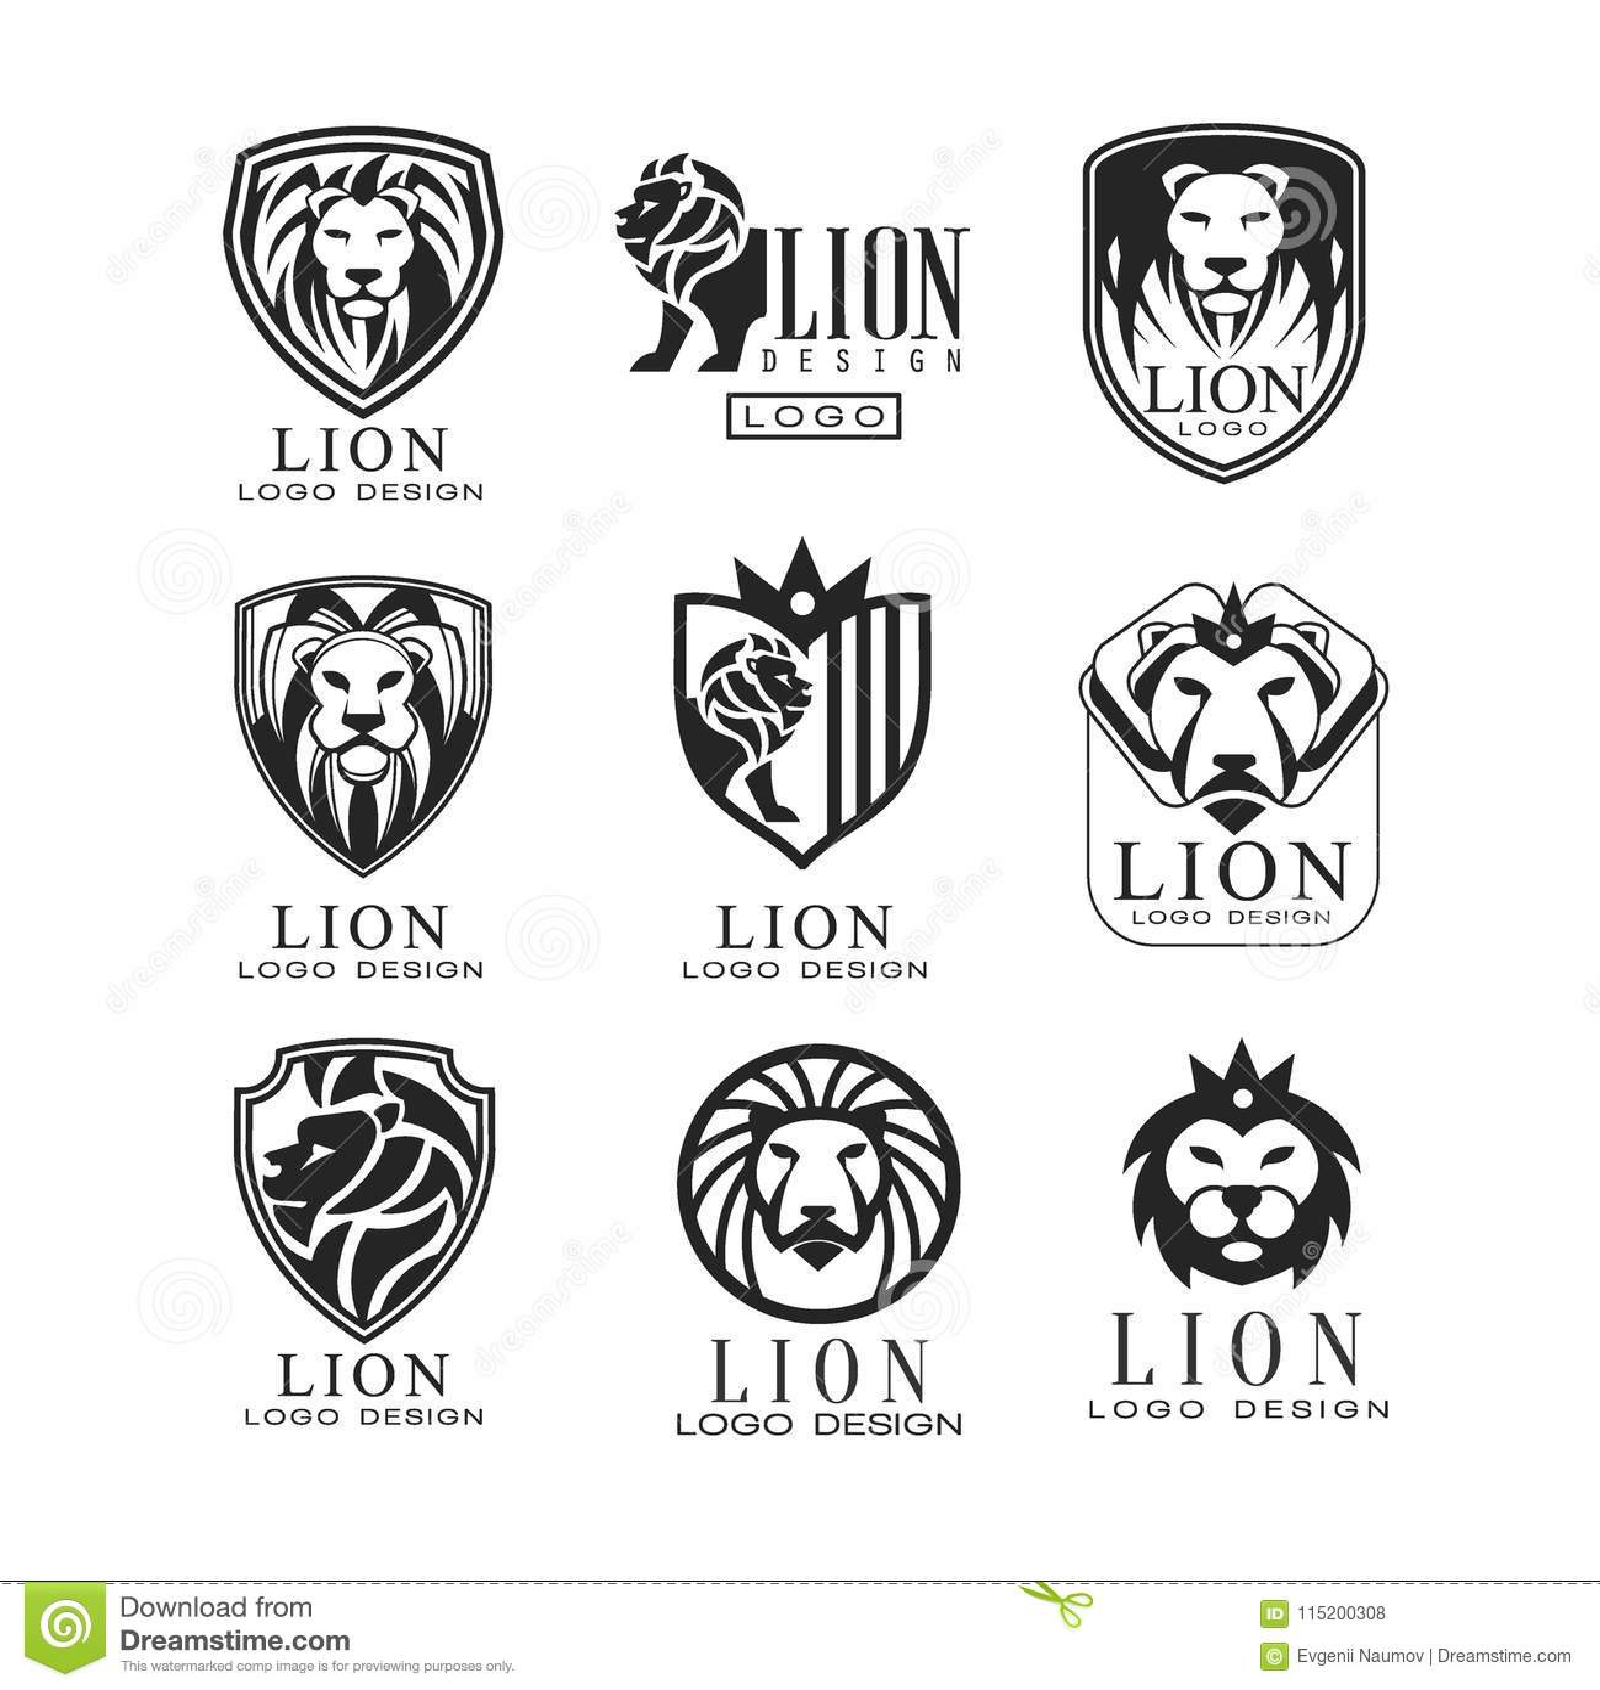 download lion logo design set design element for poster banner embem badge